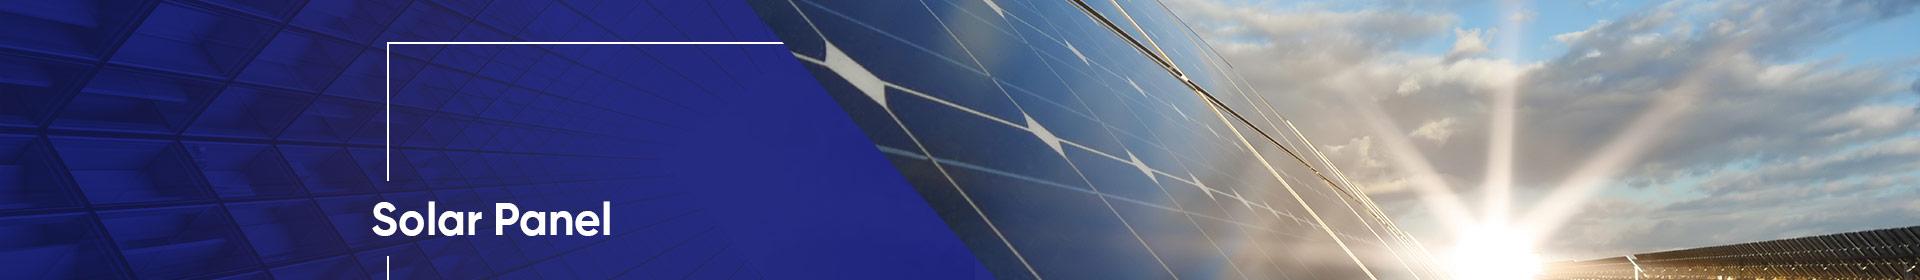 Solar Panel Header